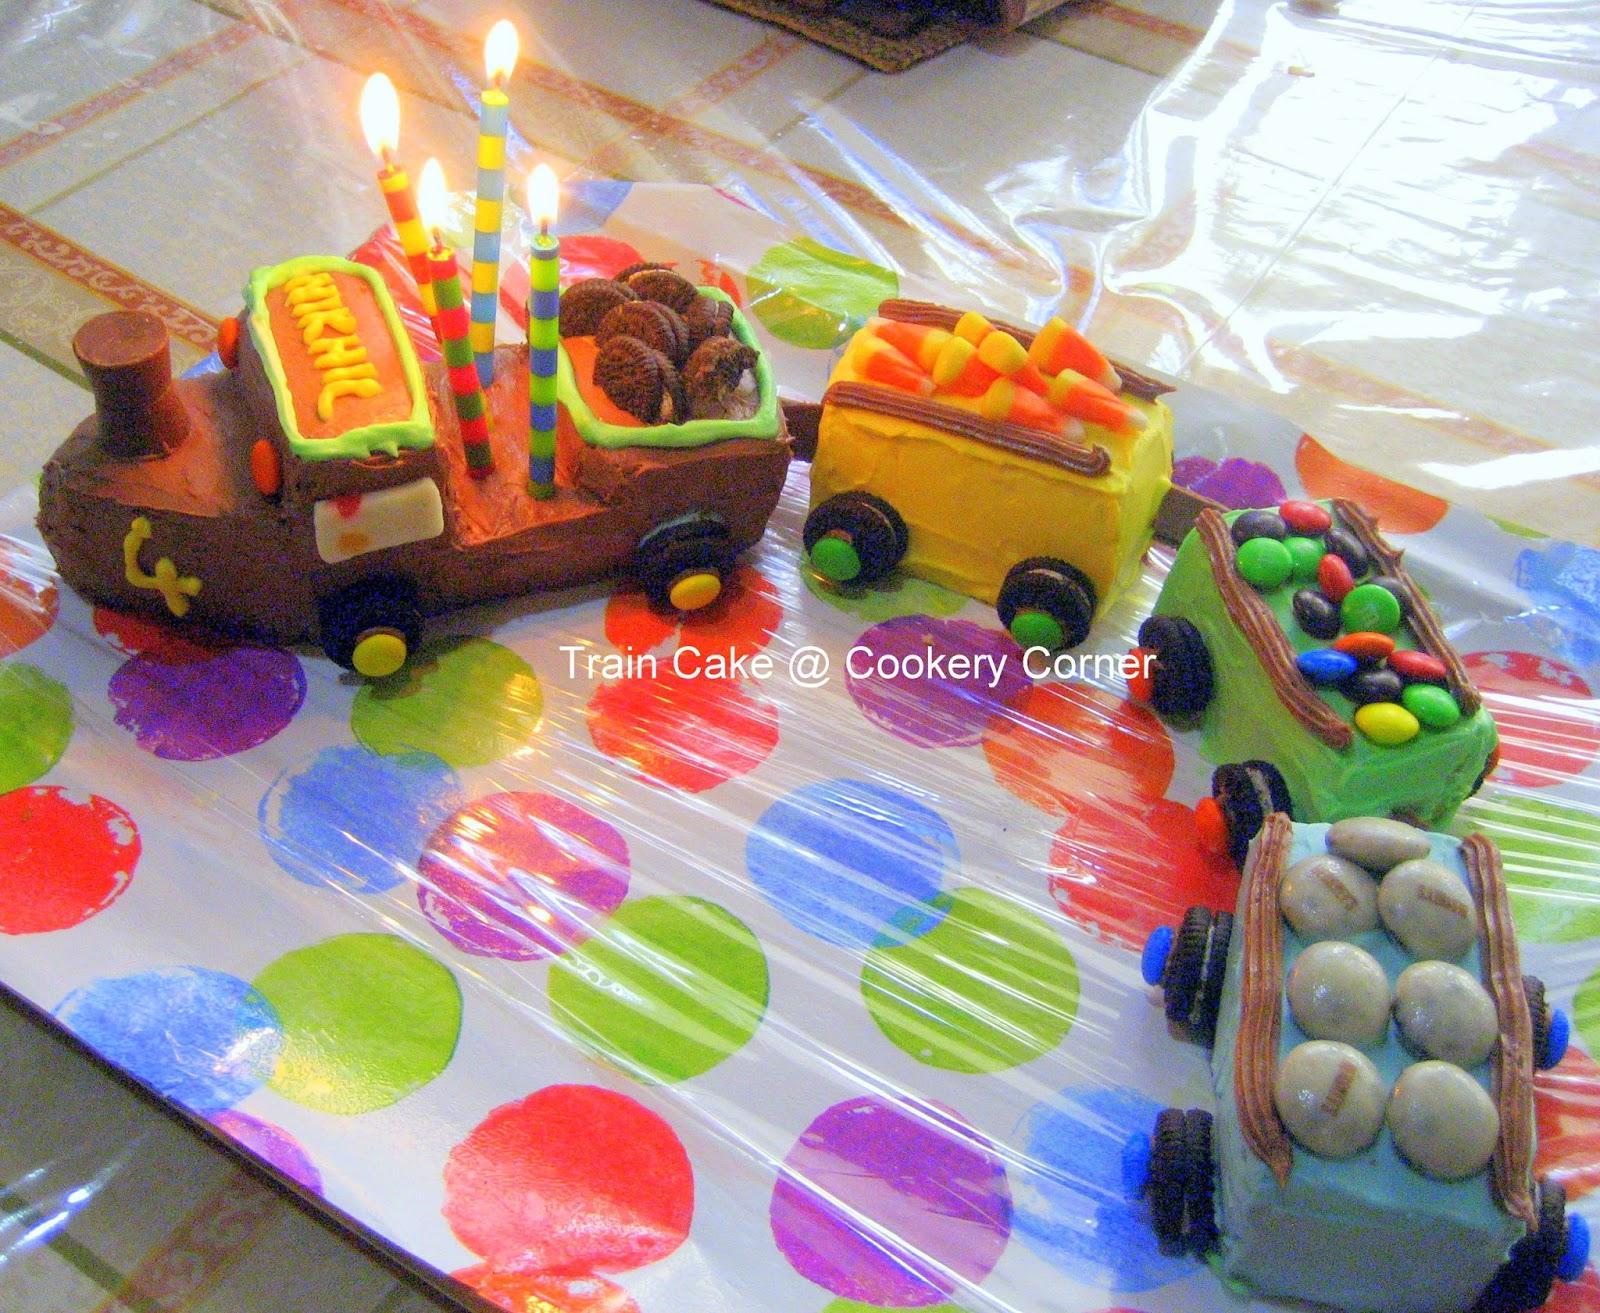 cookery corner train cake on chocolate train birthday cake recipe